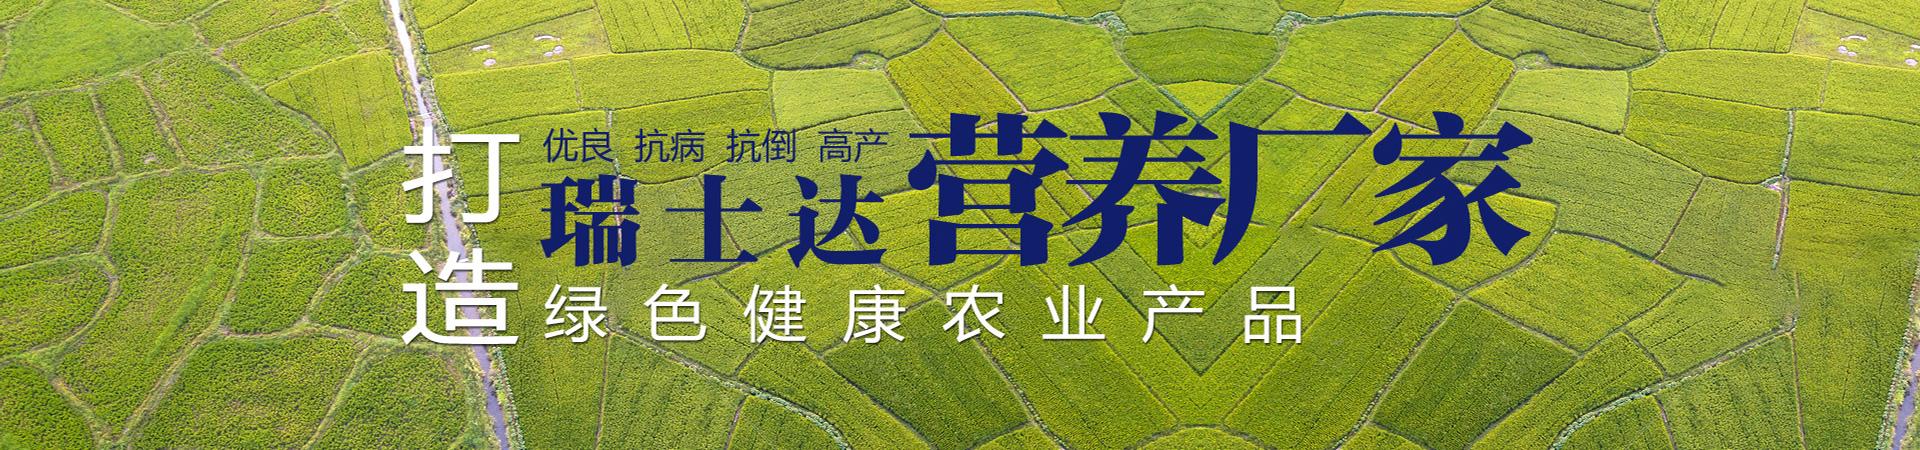 http://www.hnruishida.cn/data/upload/202105/20210511145245_806.jpg